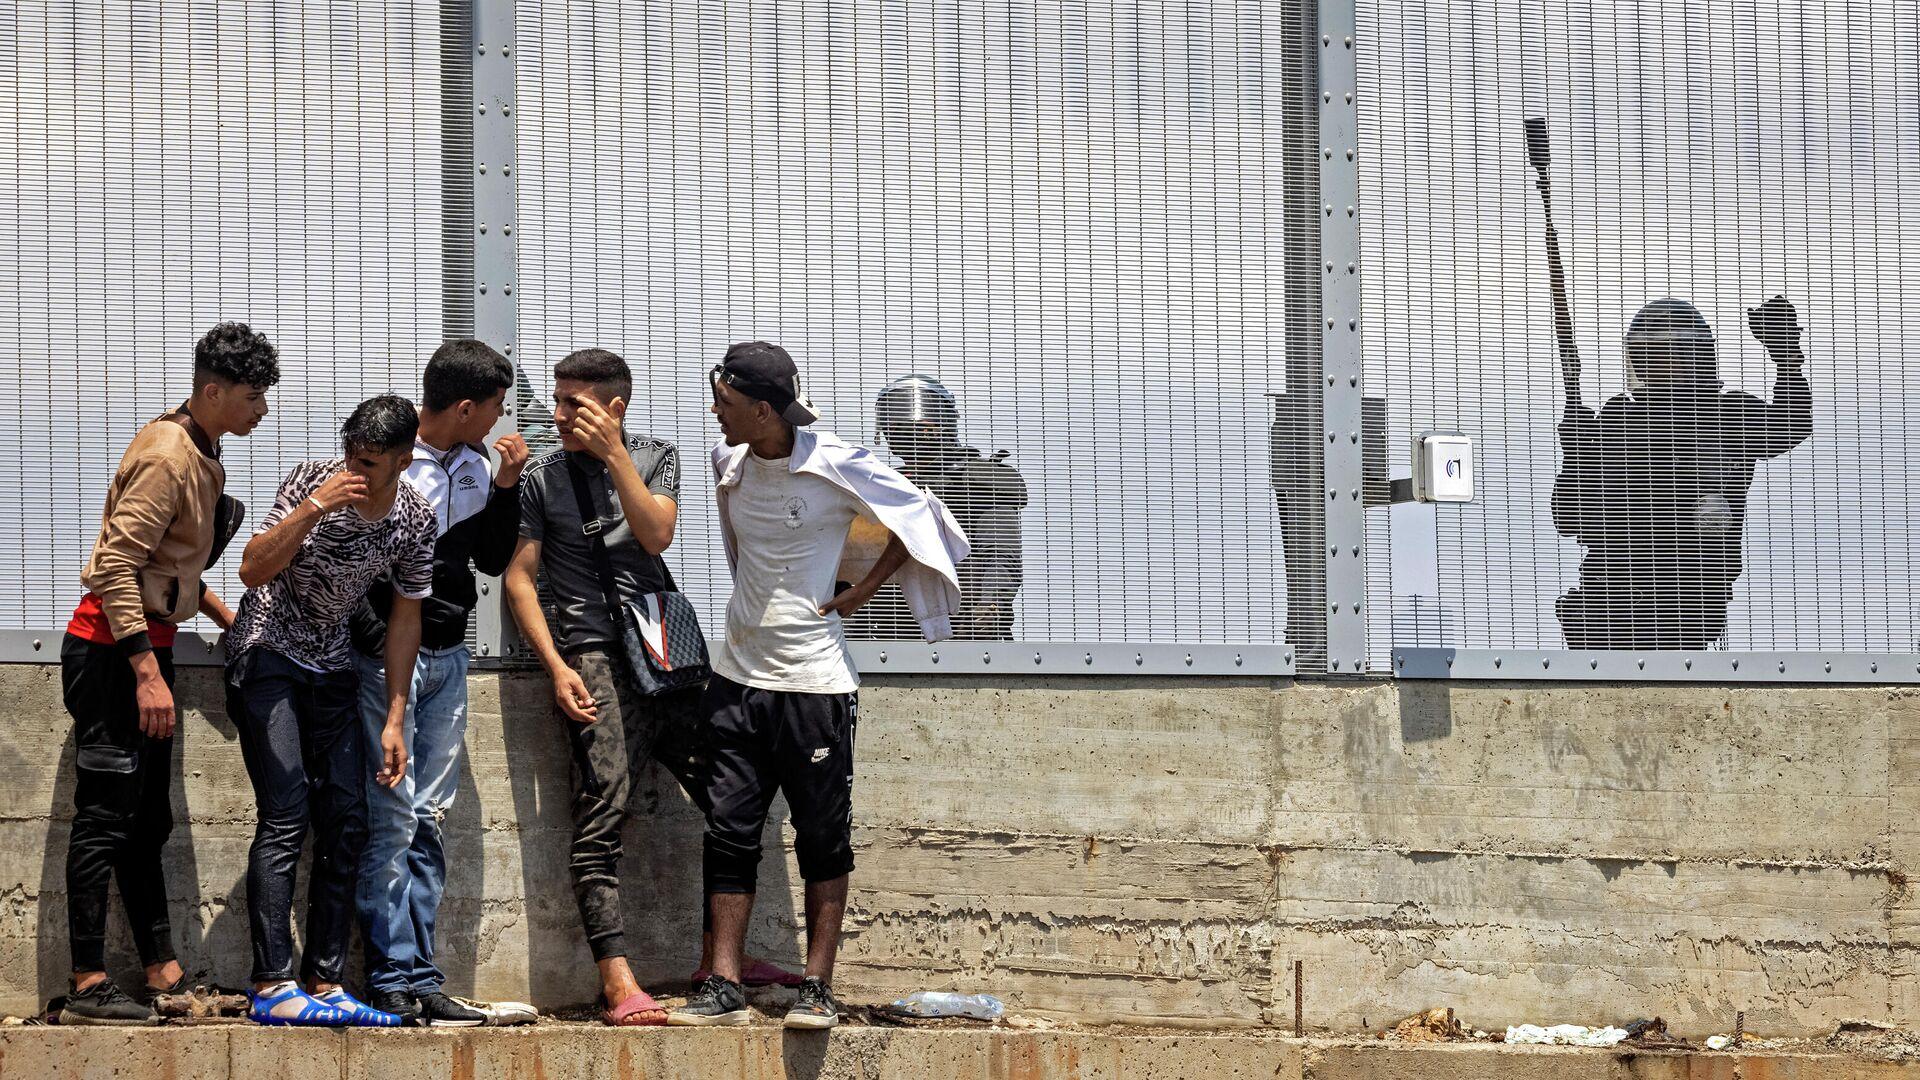 Migrantes frente a la valla fronteriza entre España y Marruecos en Ceuta - Sputnik Mundo, 1920, 27.06.2021